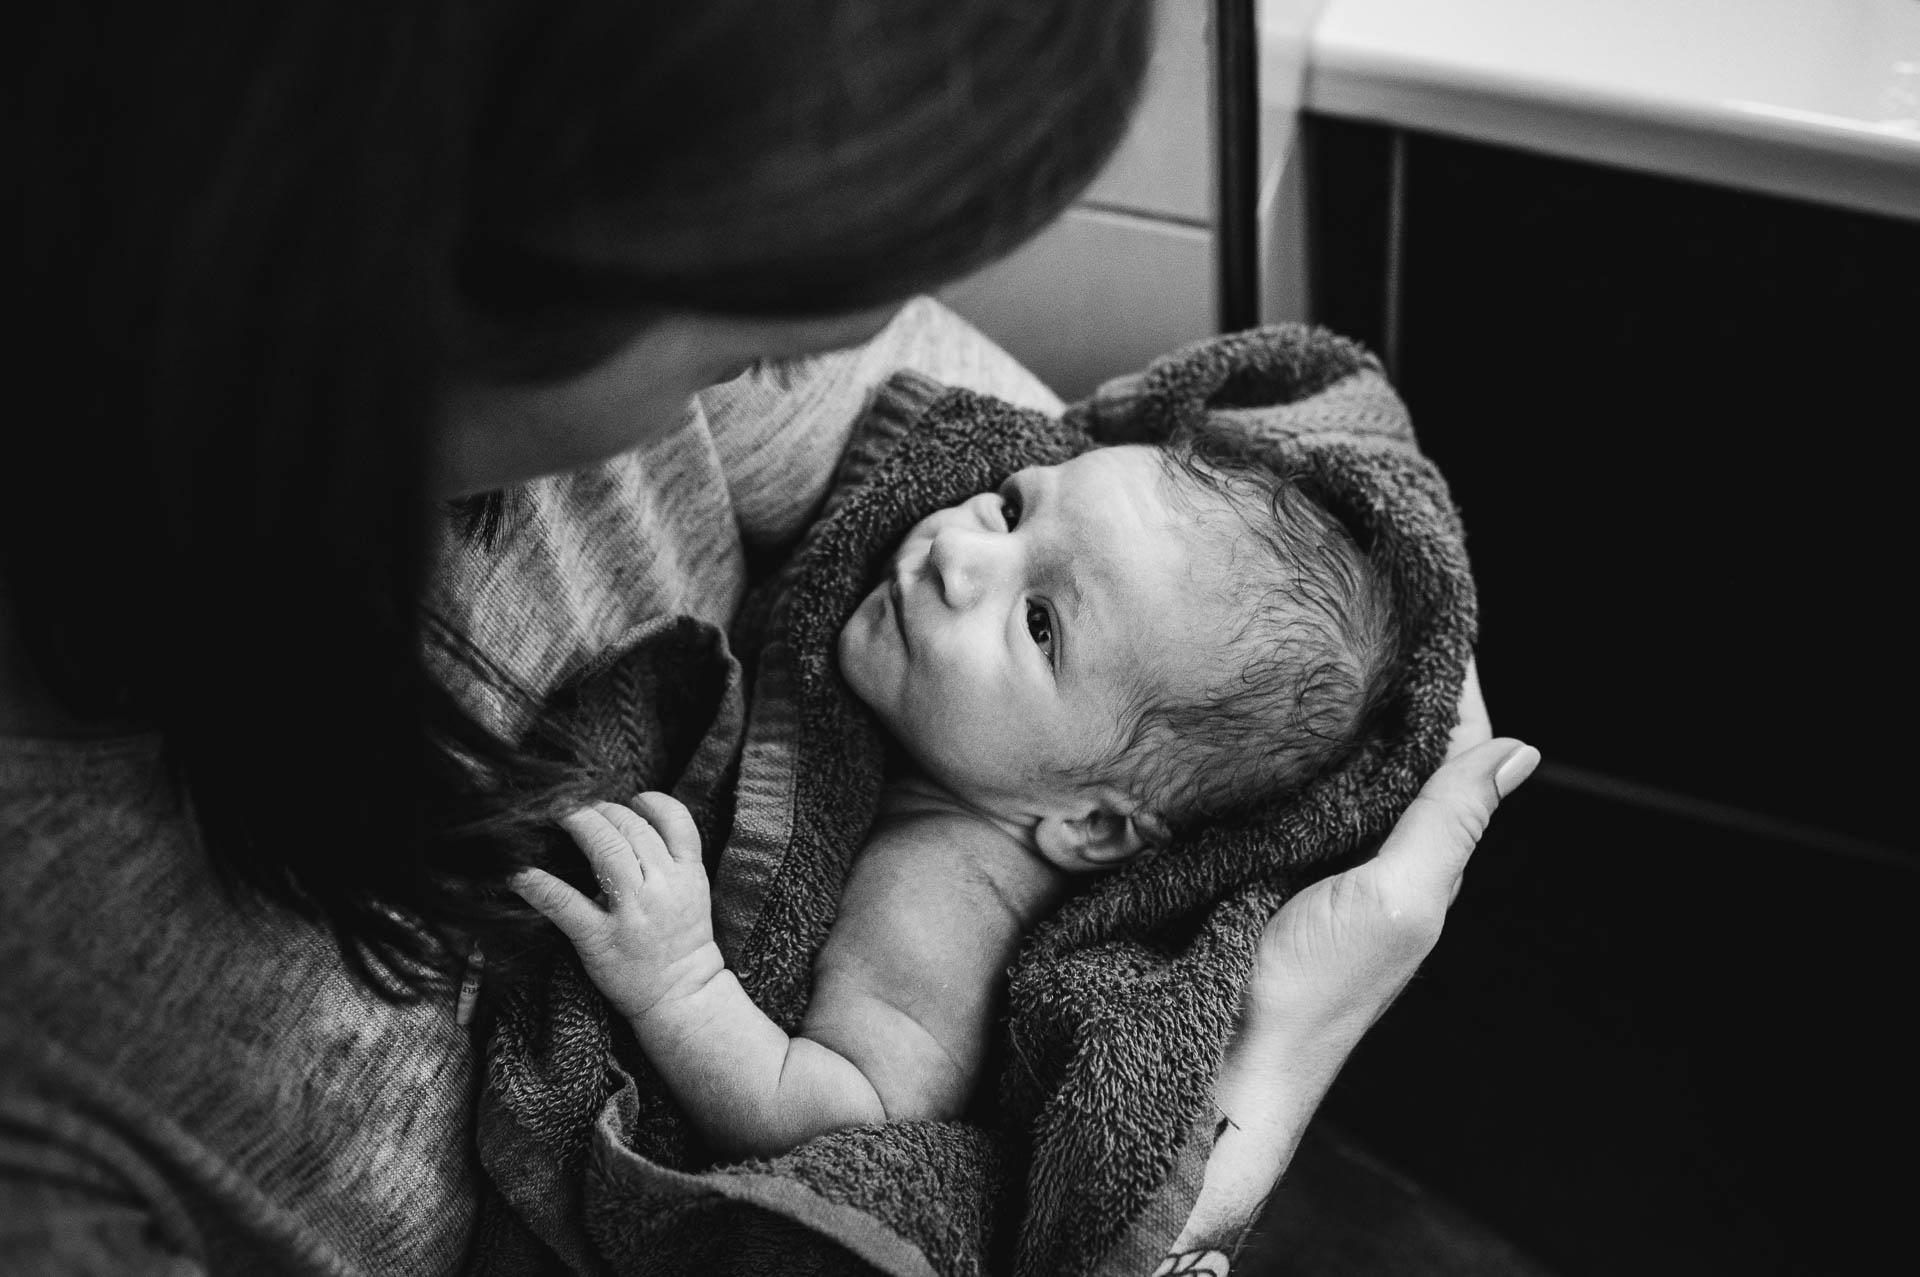 Mutter hält sein Neugeborenes Baby in den Armen in einem Badetuch, das Baby schaut zu ihr